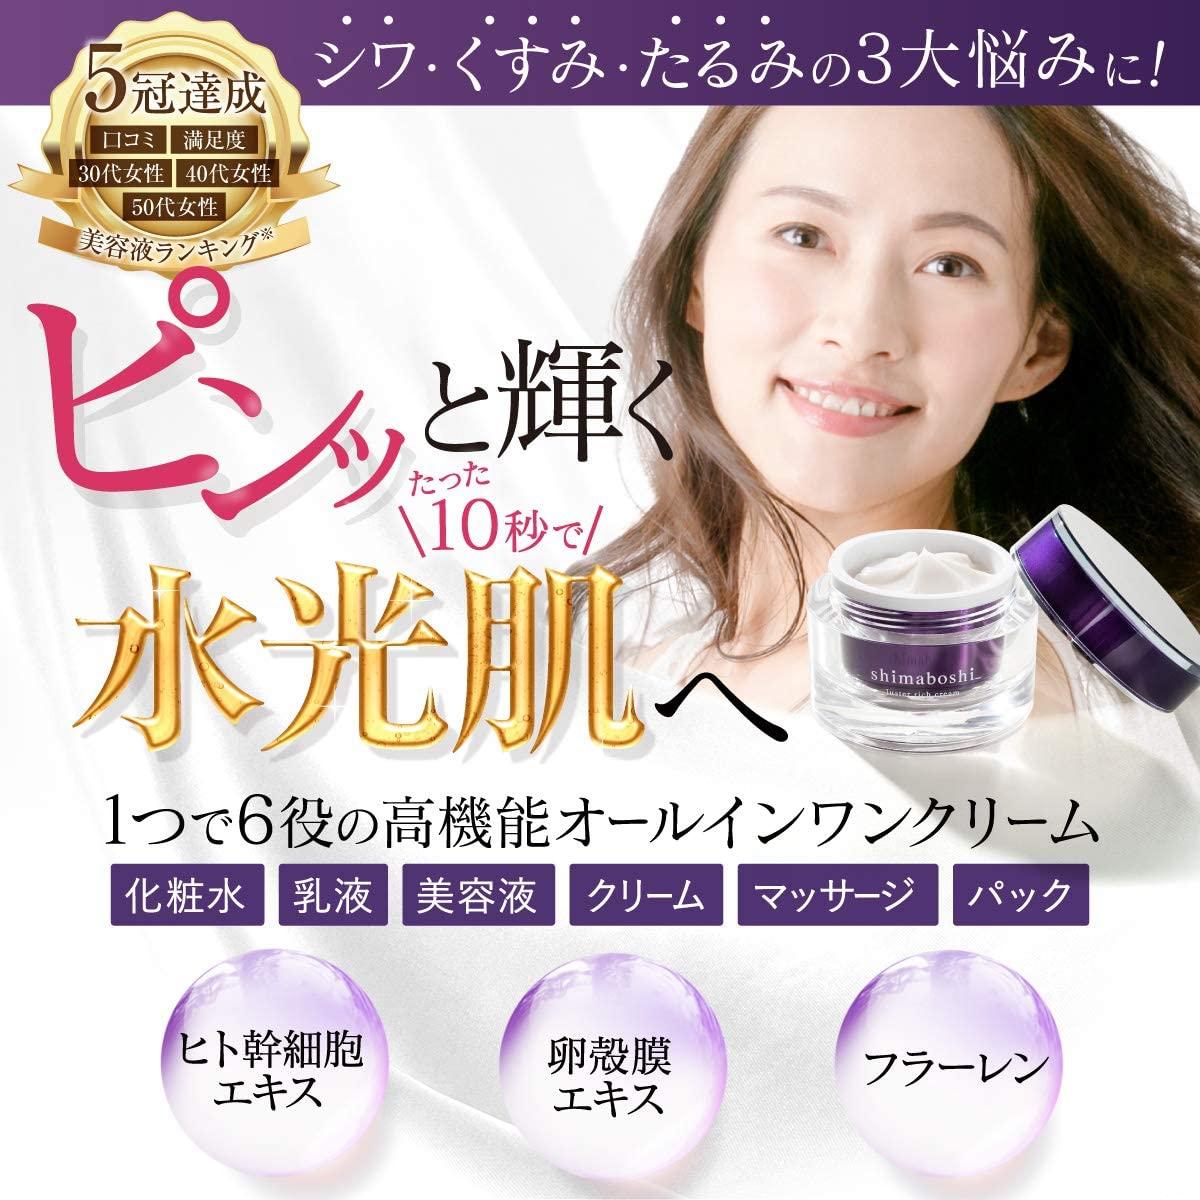 shimaboshi(シマボシ) ラスターリッチクリームの商品画像2